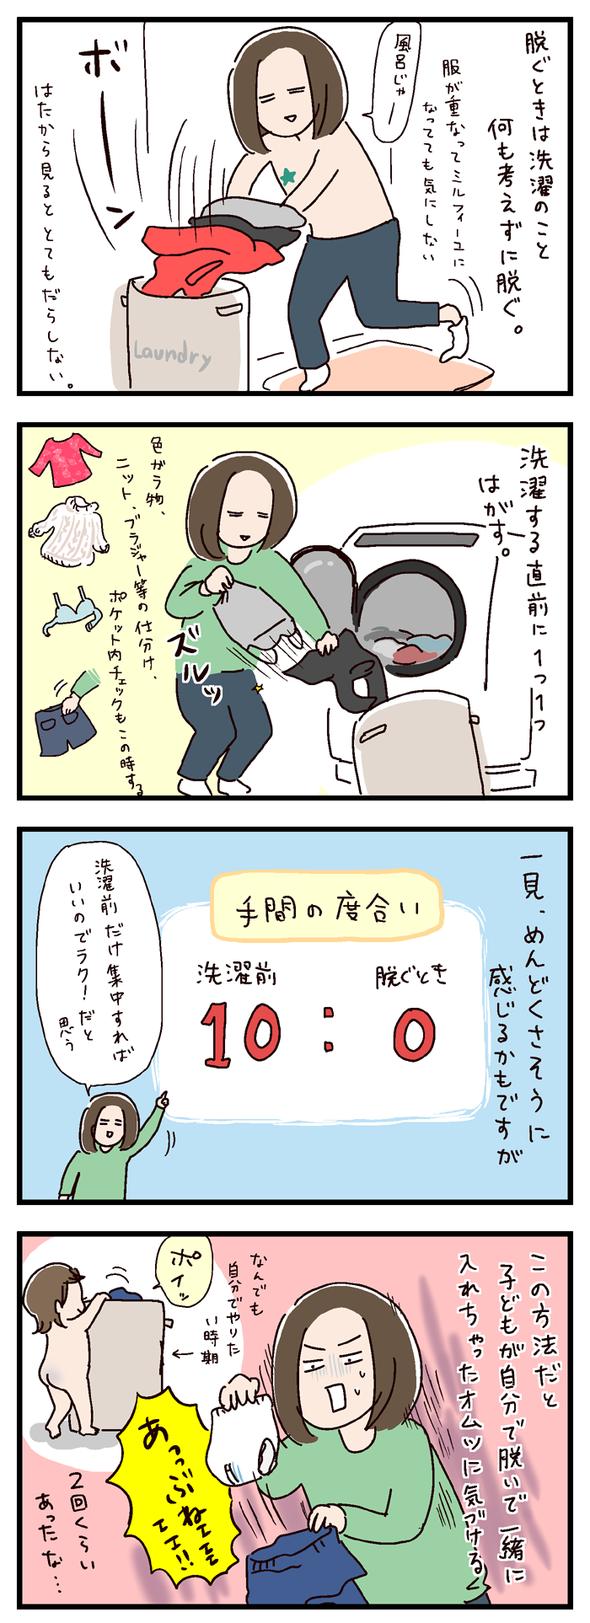 ズボラゆえ「オムツを洗濯機で洗う」を防いだかもしれない話